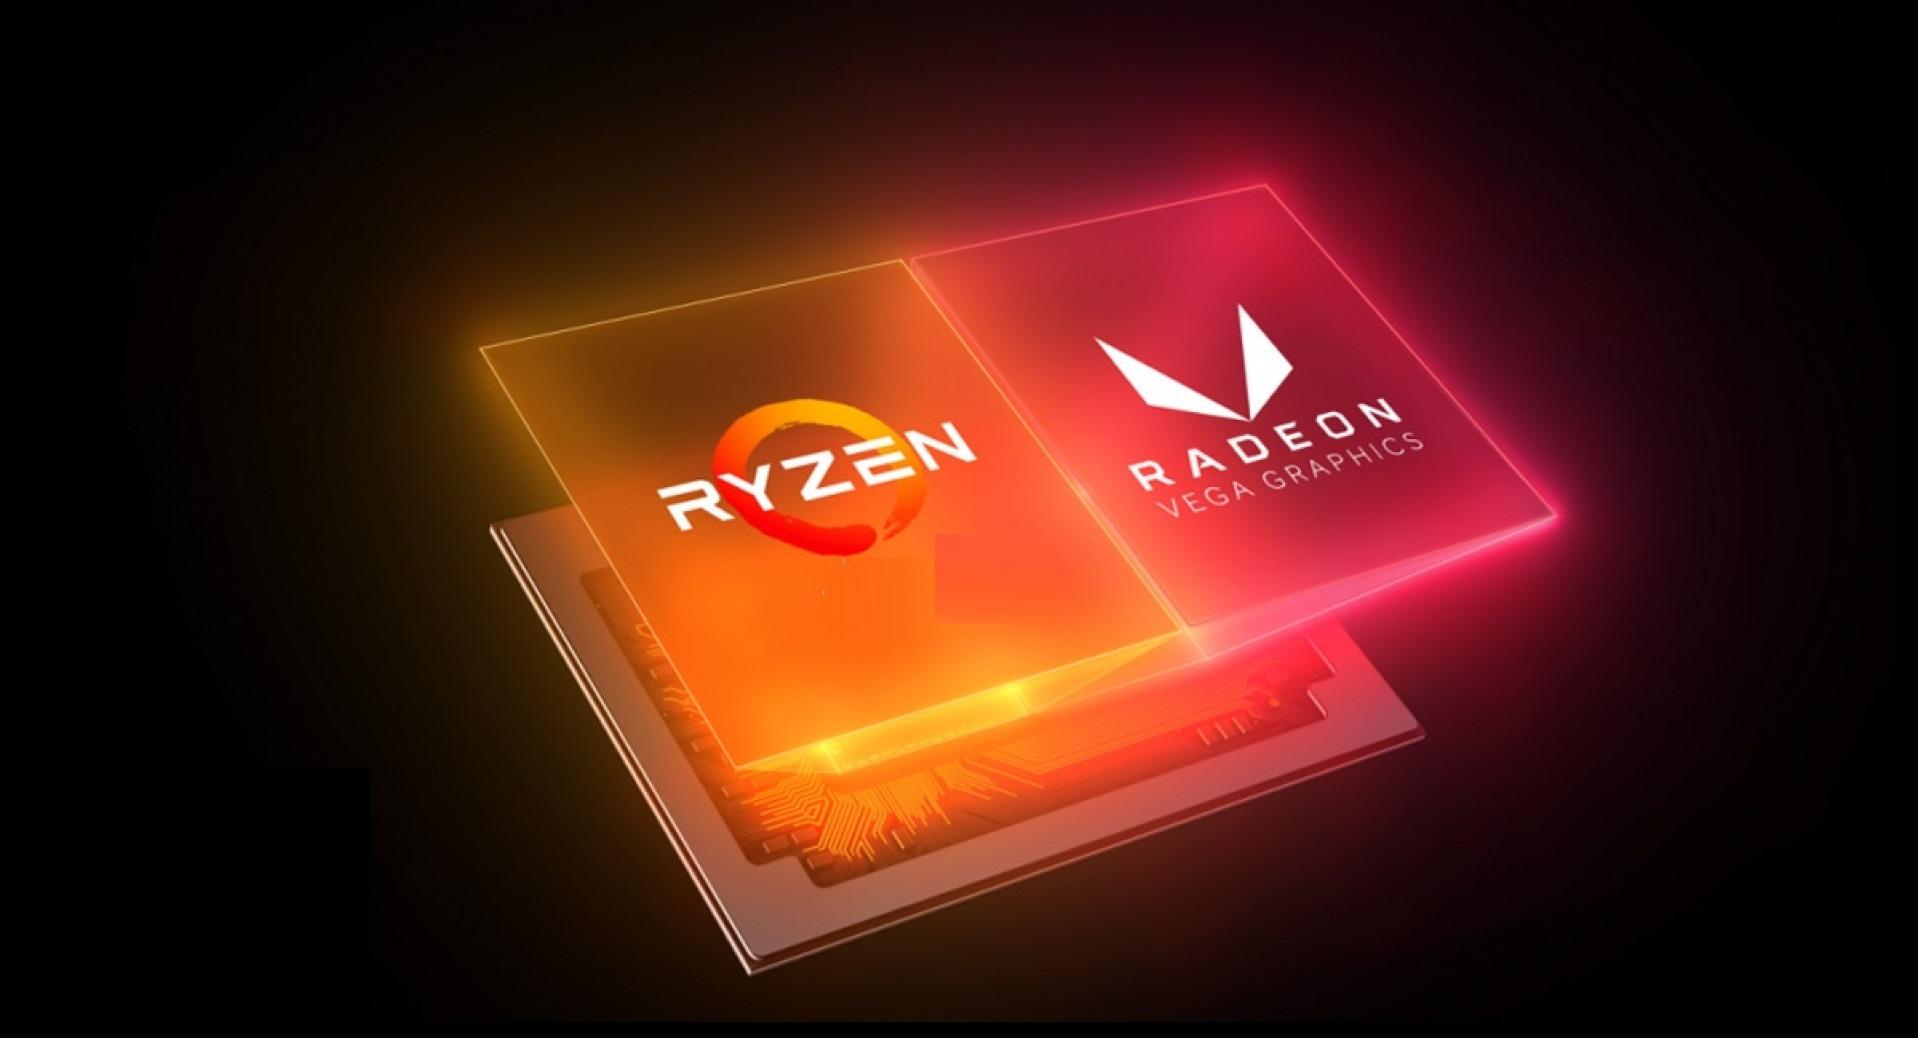 Lợi thế thực sự của những con chip AMD mới không phải là sức mạnh, mà chính là nền tảng